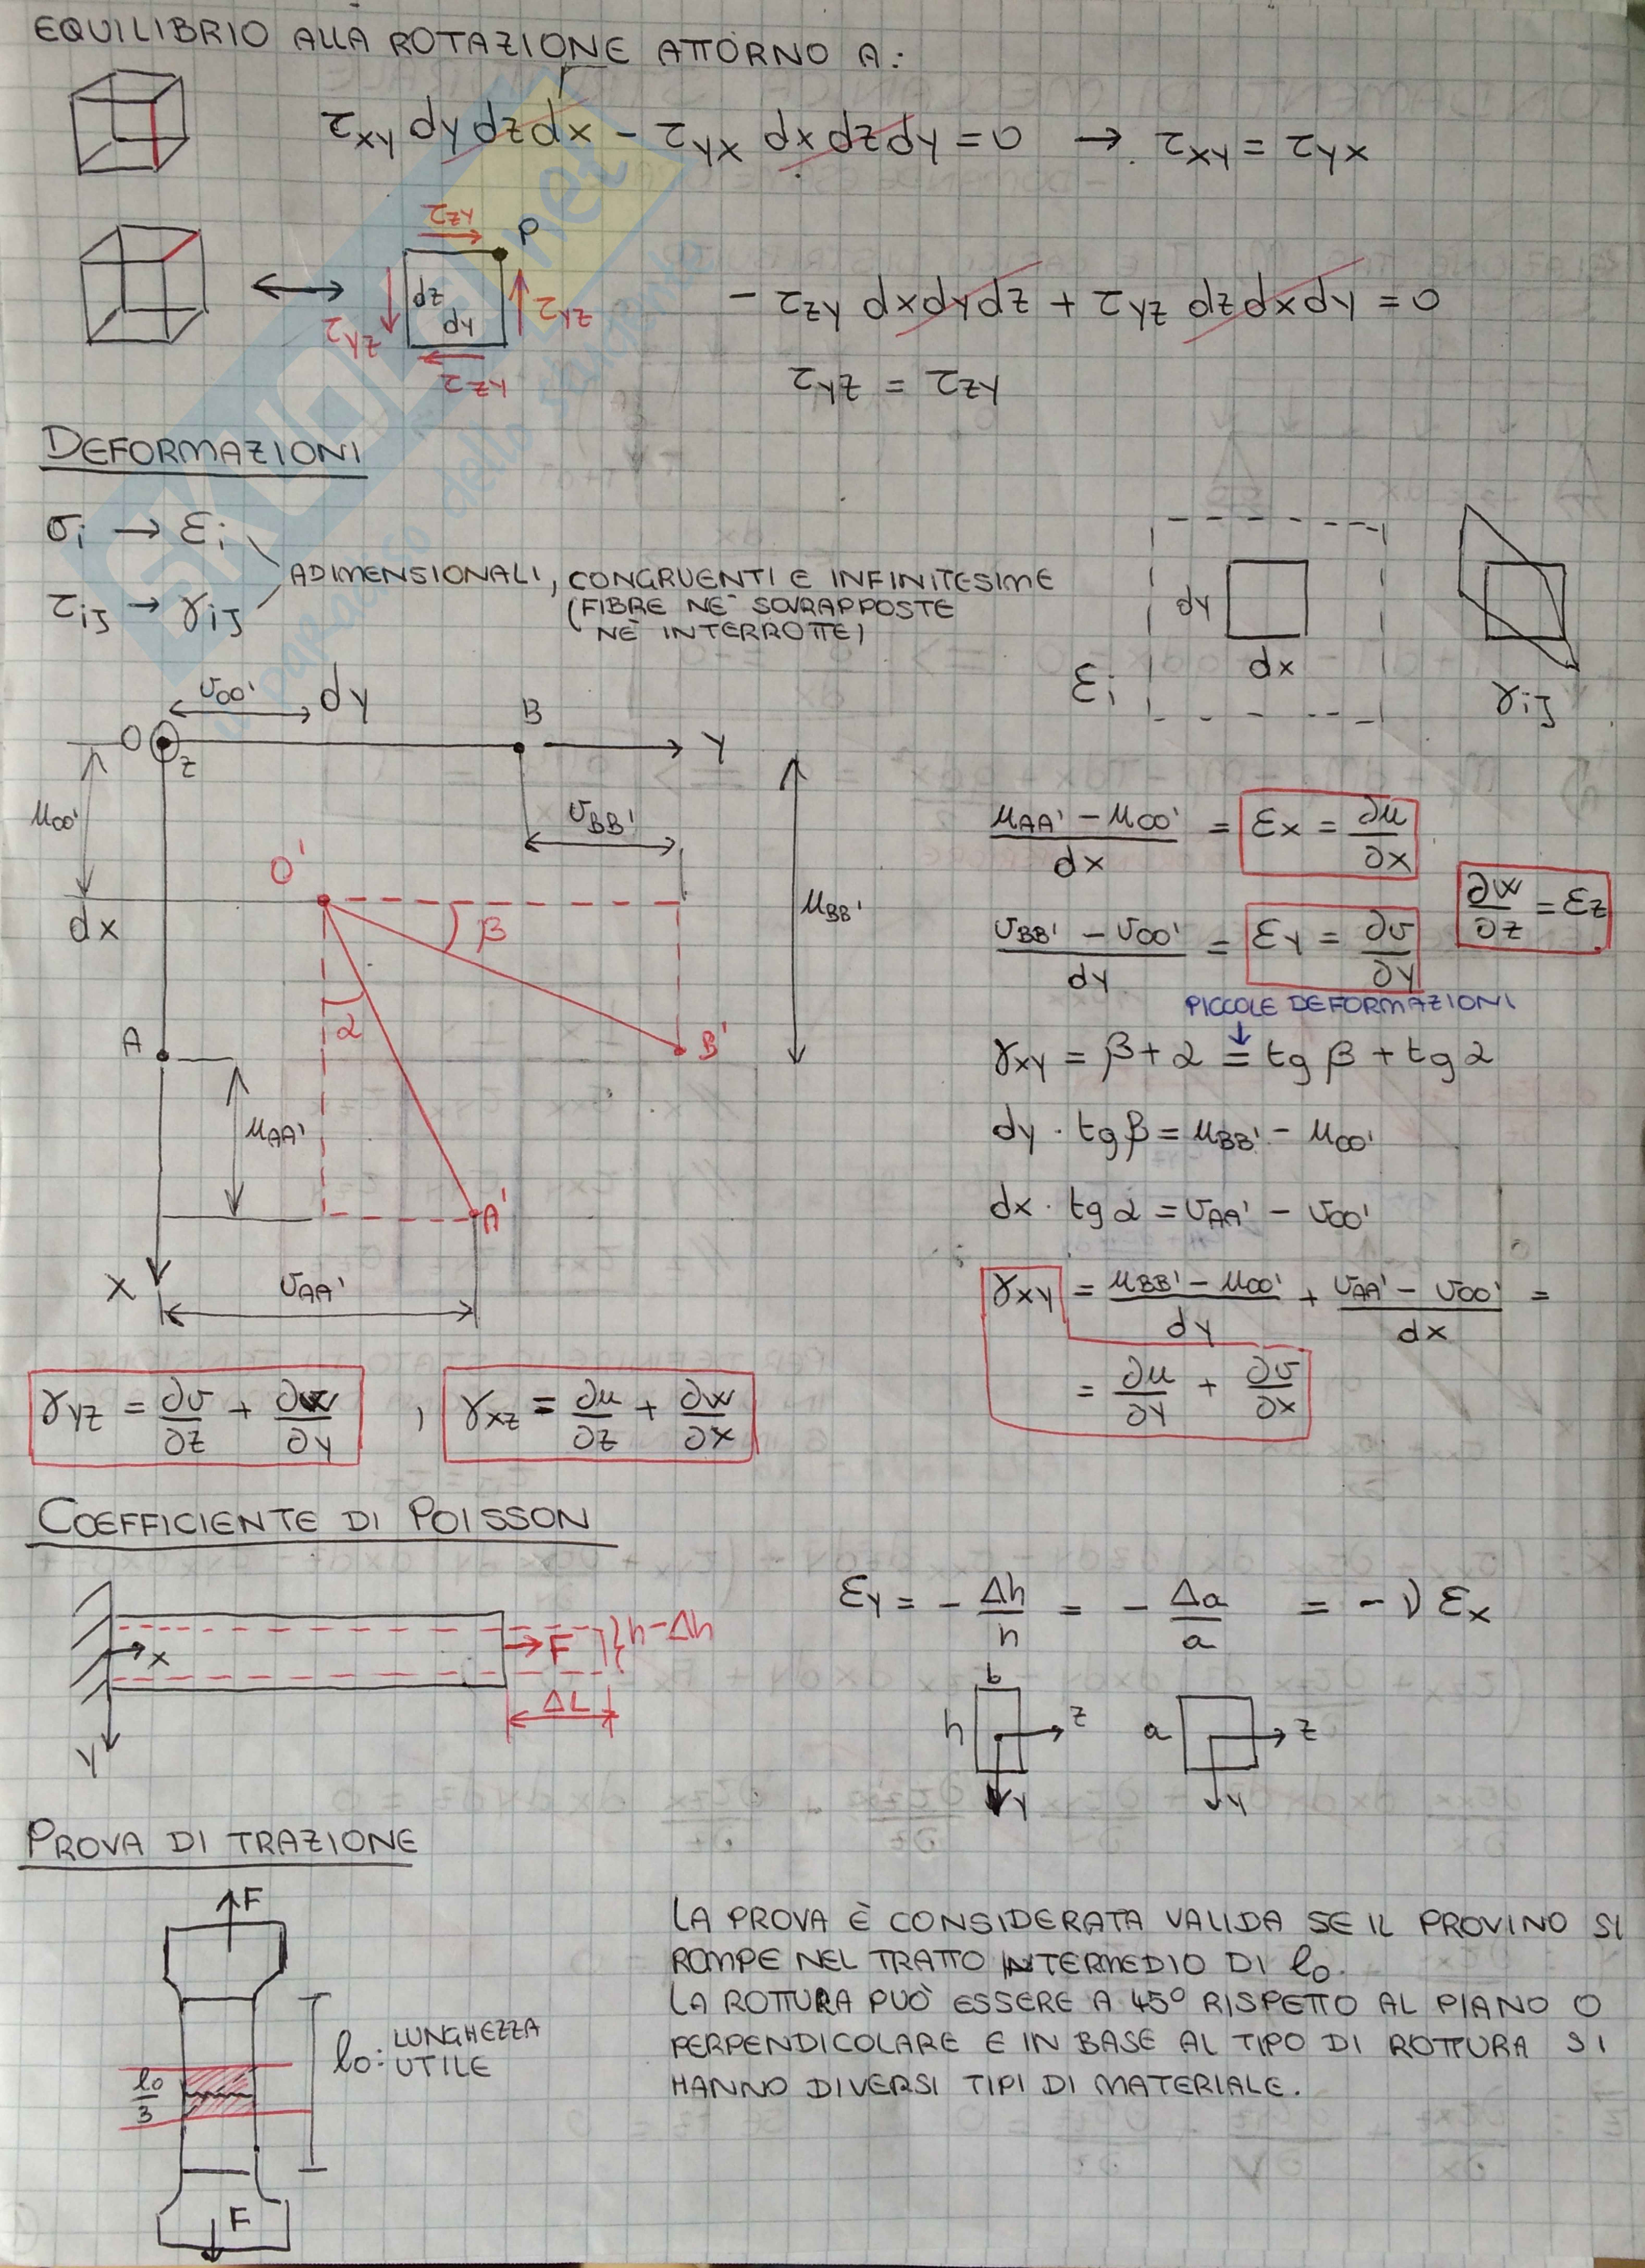 Dimostrazioni orale fondamenti di meccanica strutturale Pag. 2